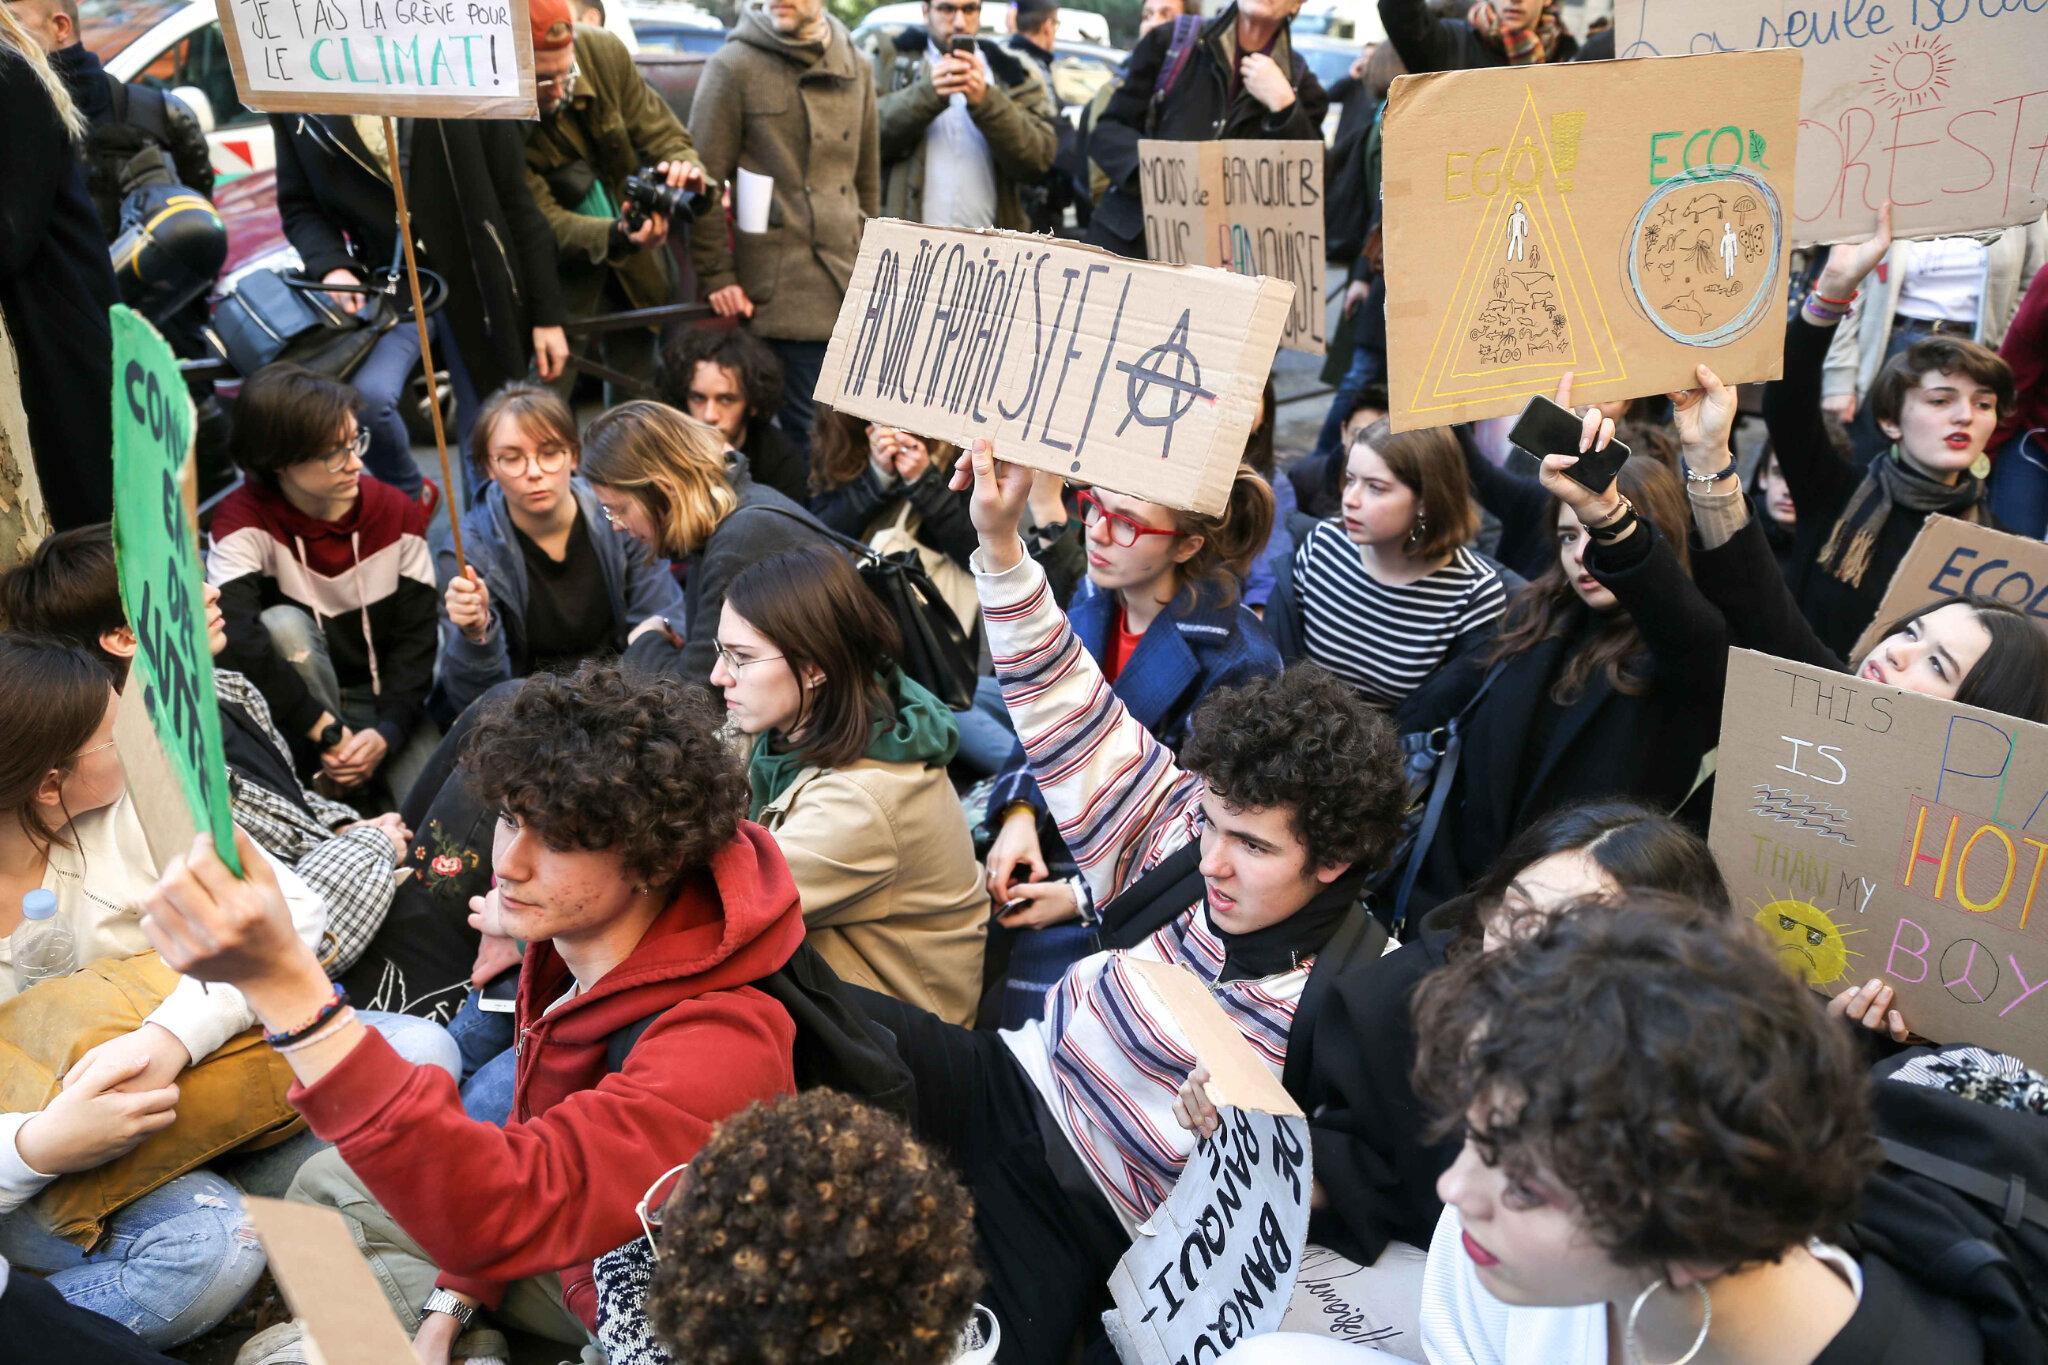 Timide début de mobilisation des jeunes pour le climat à Paris. © Michel Stoupak. Ven 15.02.2019, 14h21m05.